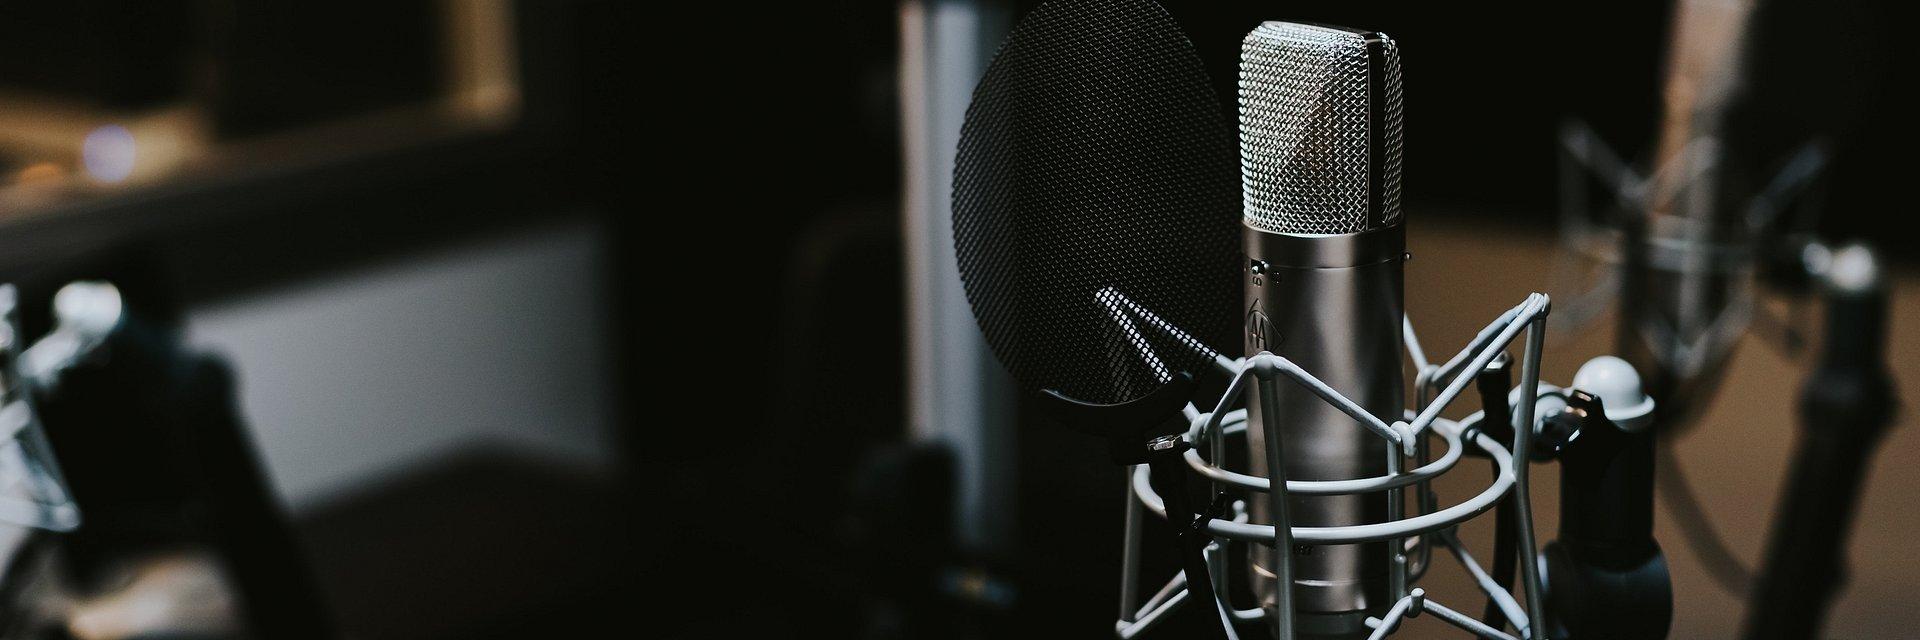 """Lighthouse stawia na podcasty. Pierwszy odcinek """"Podaj dalej"""" już dostępny."""